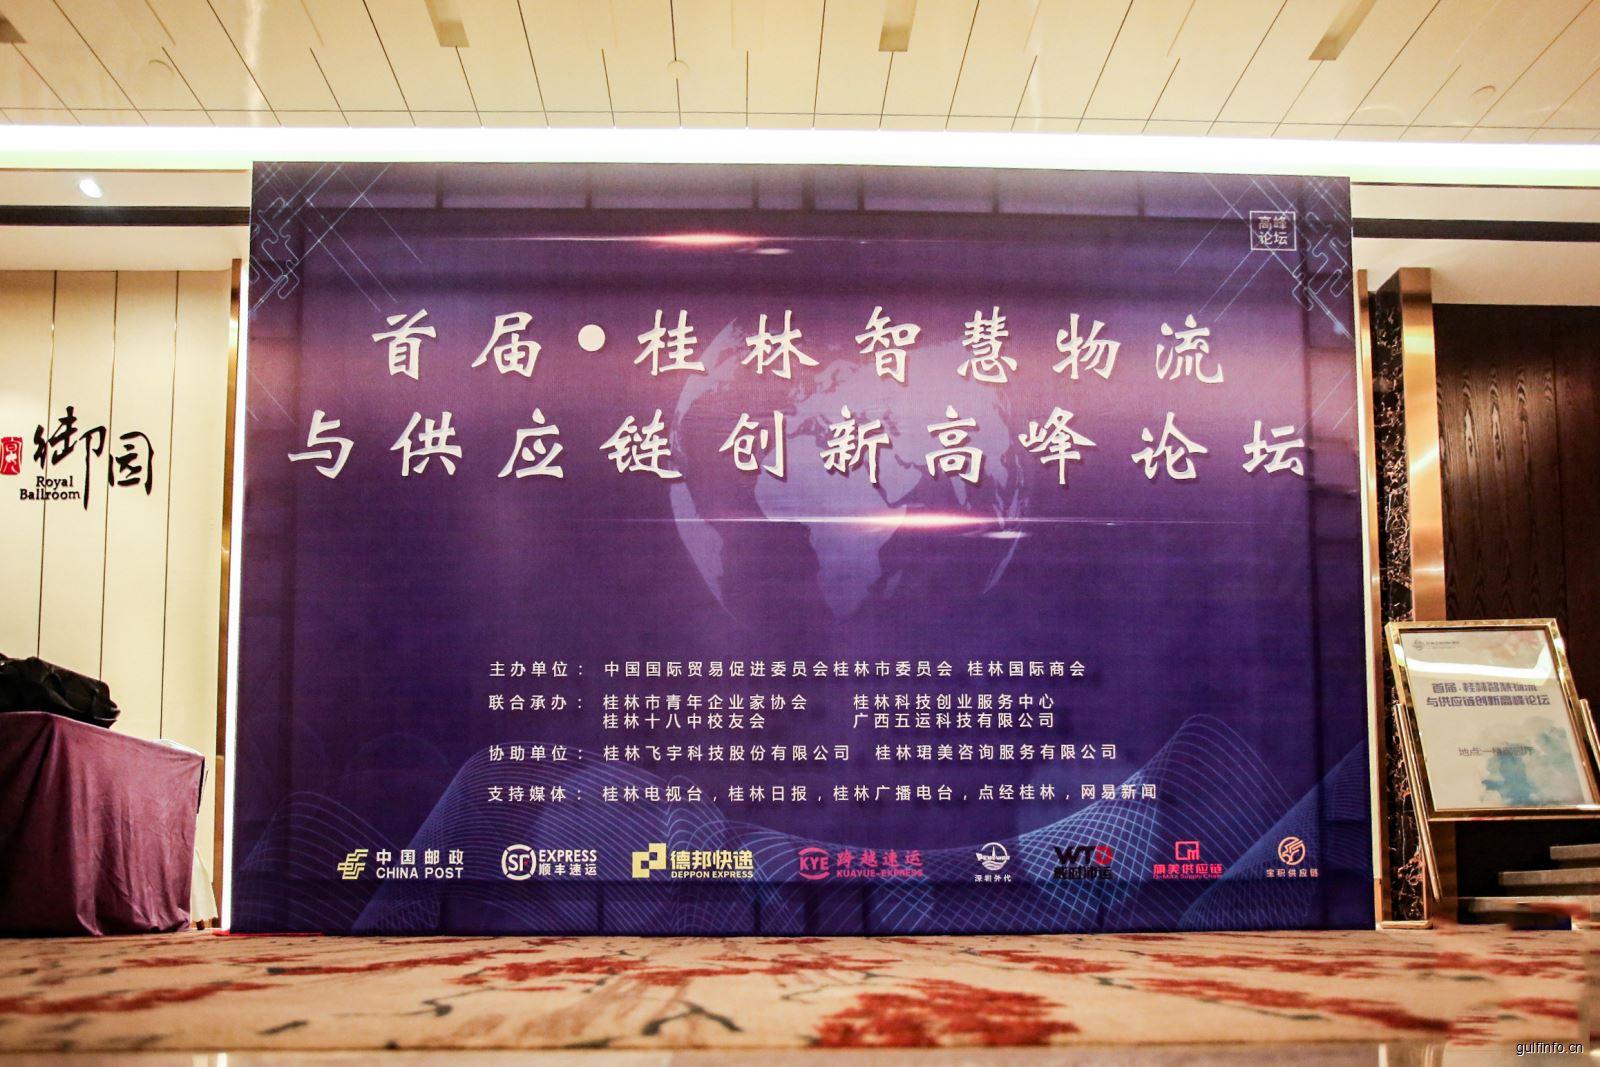 智慧引领未来 首届桂林智慧物流与供应链创新高峰论坛成功举办